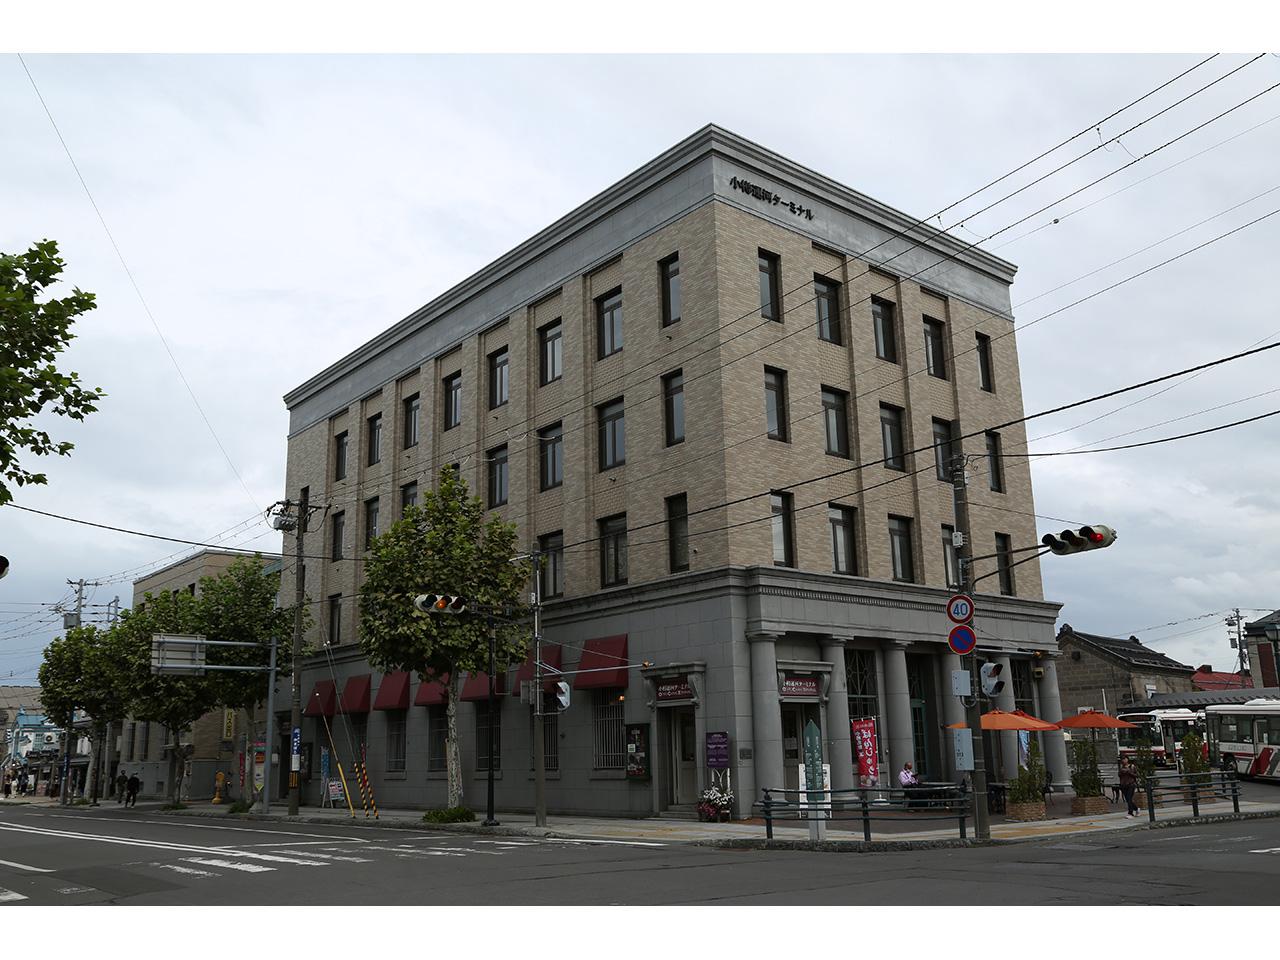 画像:色内銀行街(旧三井物産及び旧三菱商事小樽支店)(2)